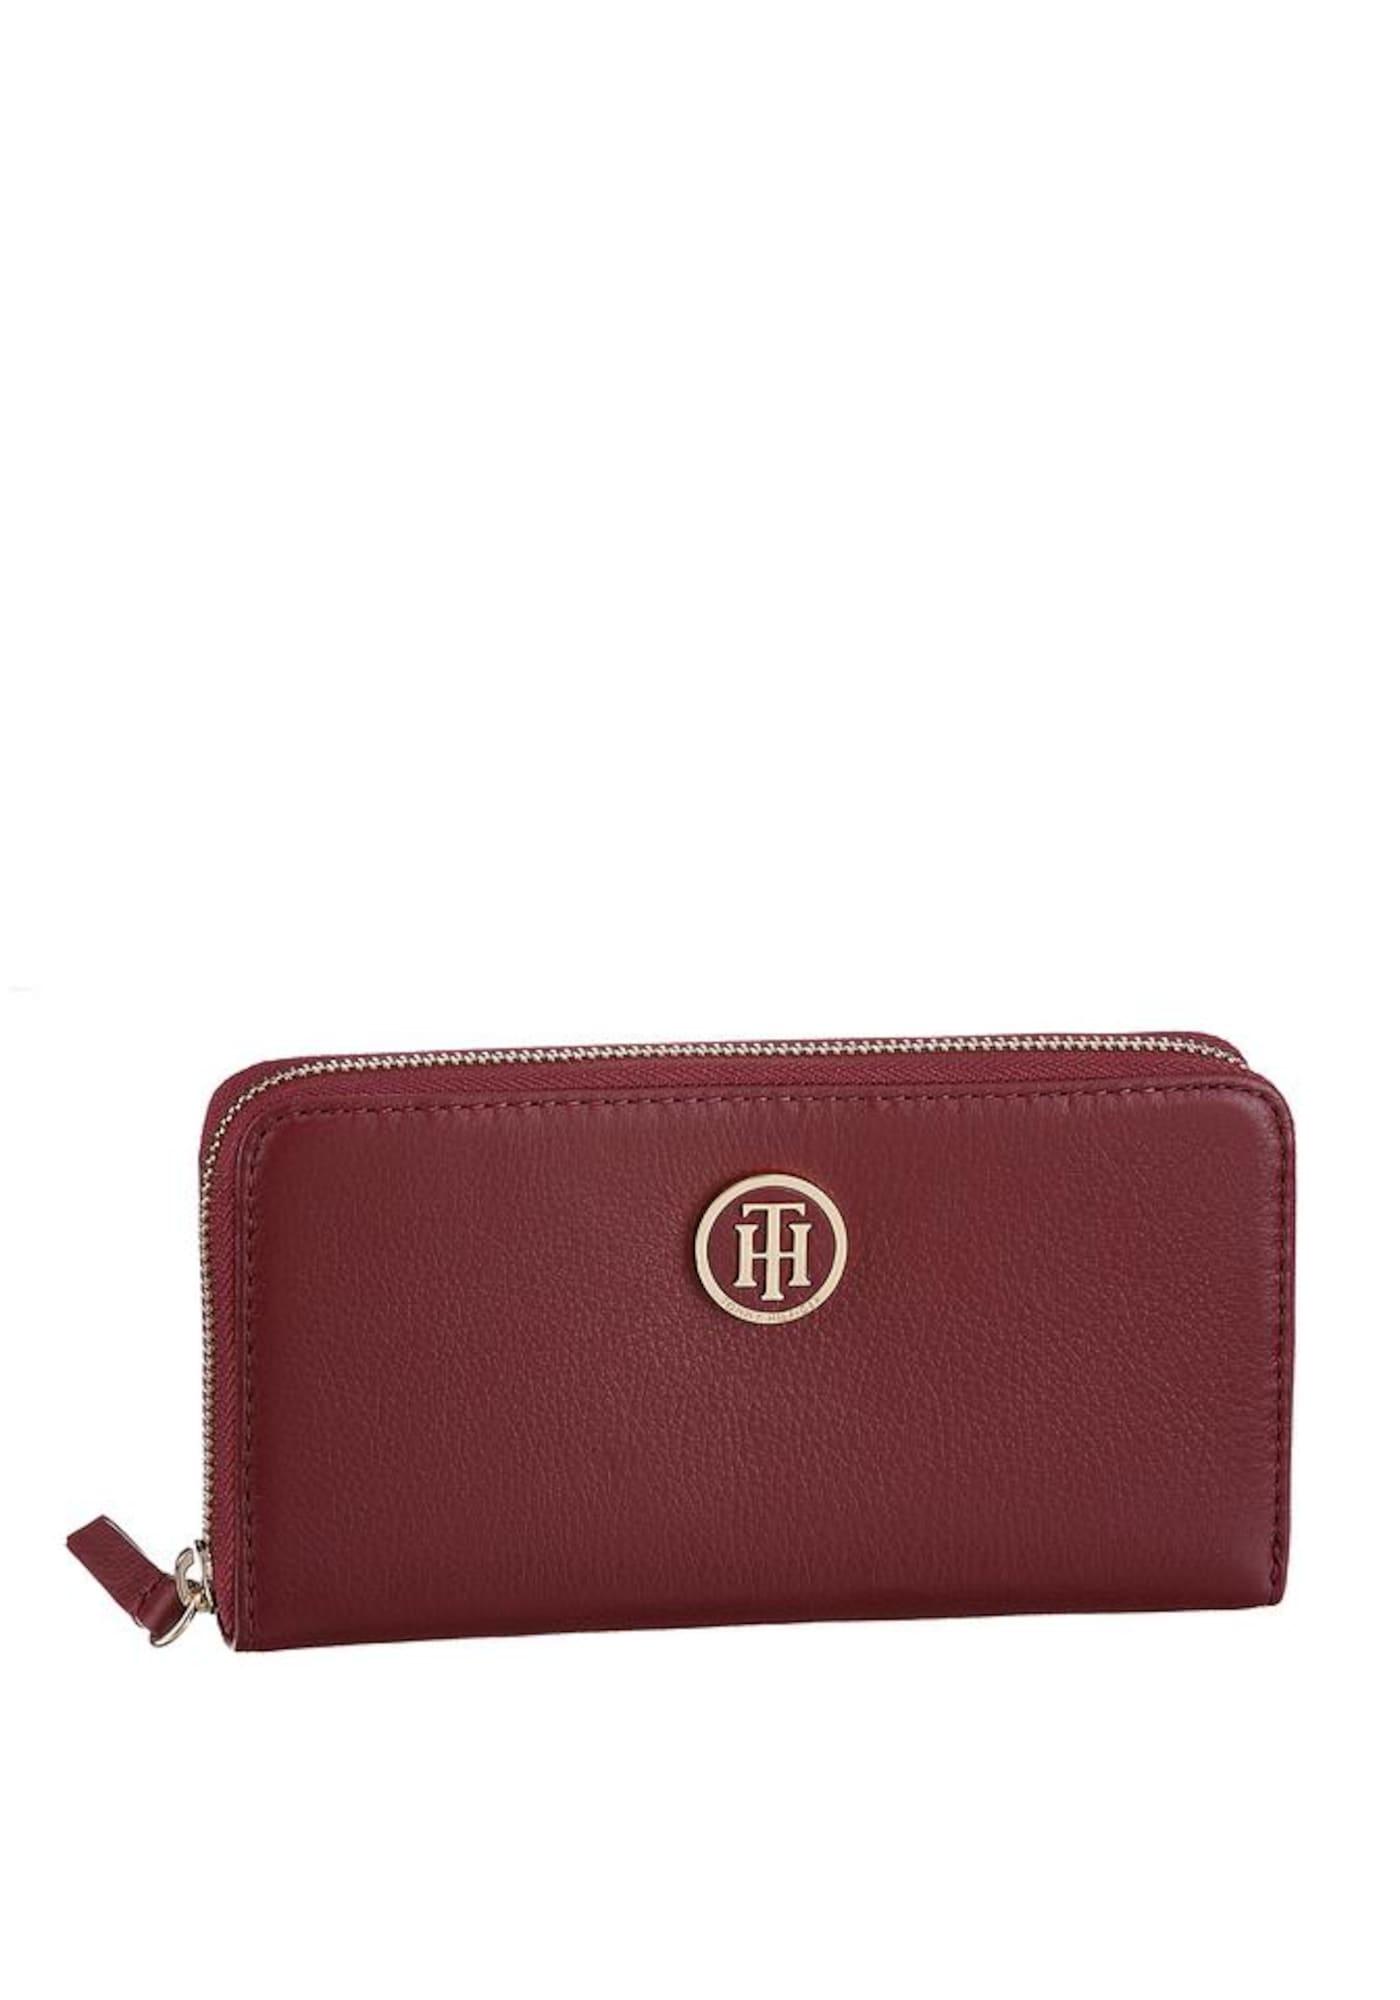 Portemonnaie | Accessoires > Portemonnaies > Sonstige Portemonnaies | Tommy Hilfiger